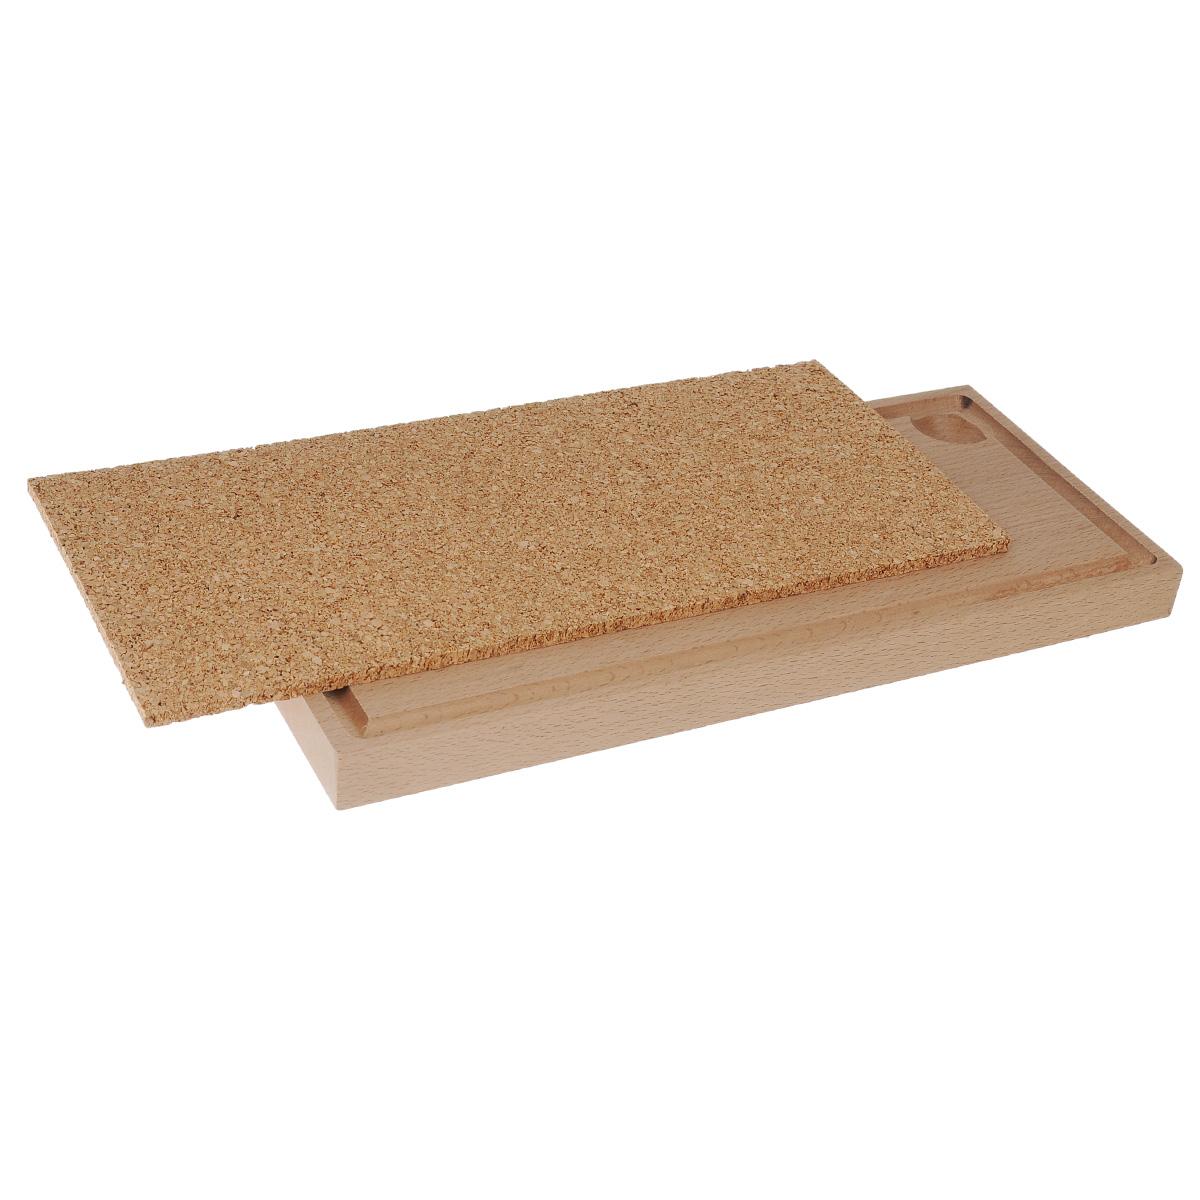 Доска для копчения, 34 см х 15 см х 2,2 см19201Доска предназначена для копчения. На ней удобно готовить рыбу, мясо, птицу. Выполнена из бука с подставкой из пробкового дерева. Нет необходимости перекладывать в блюдо, можно подавать сразу на доске. Пробковая доска используется как подставка под горячее.Способ применения: перед первым использованием смазать доску оливковым маслом. Поместить доску в печь с температурой 100°С на два часа. Удалить с доски избыток масла. Бук, пробковое дерево